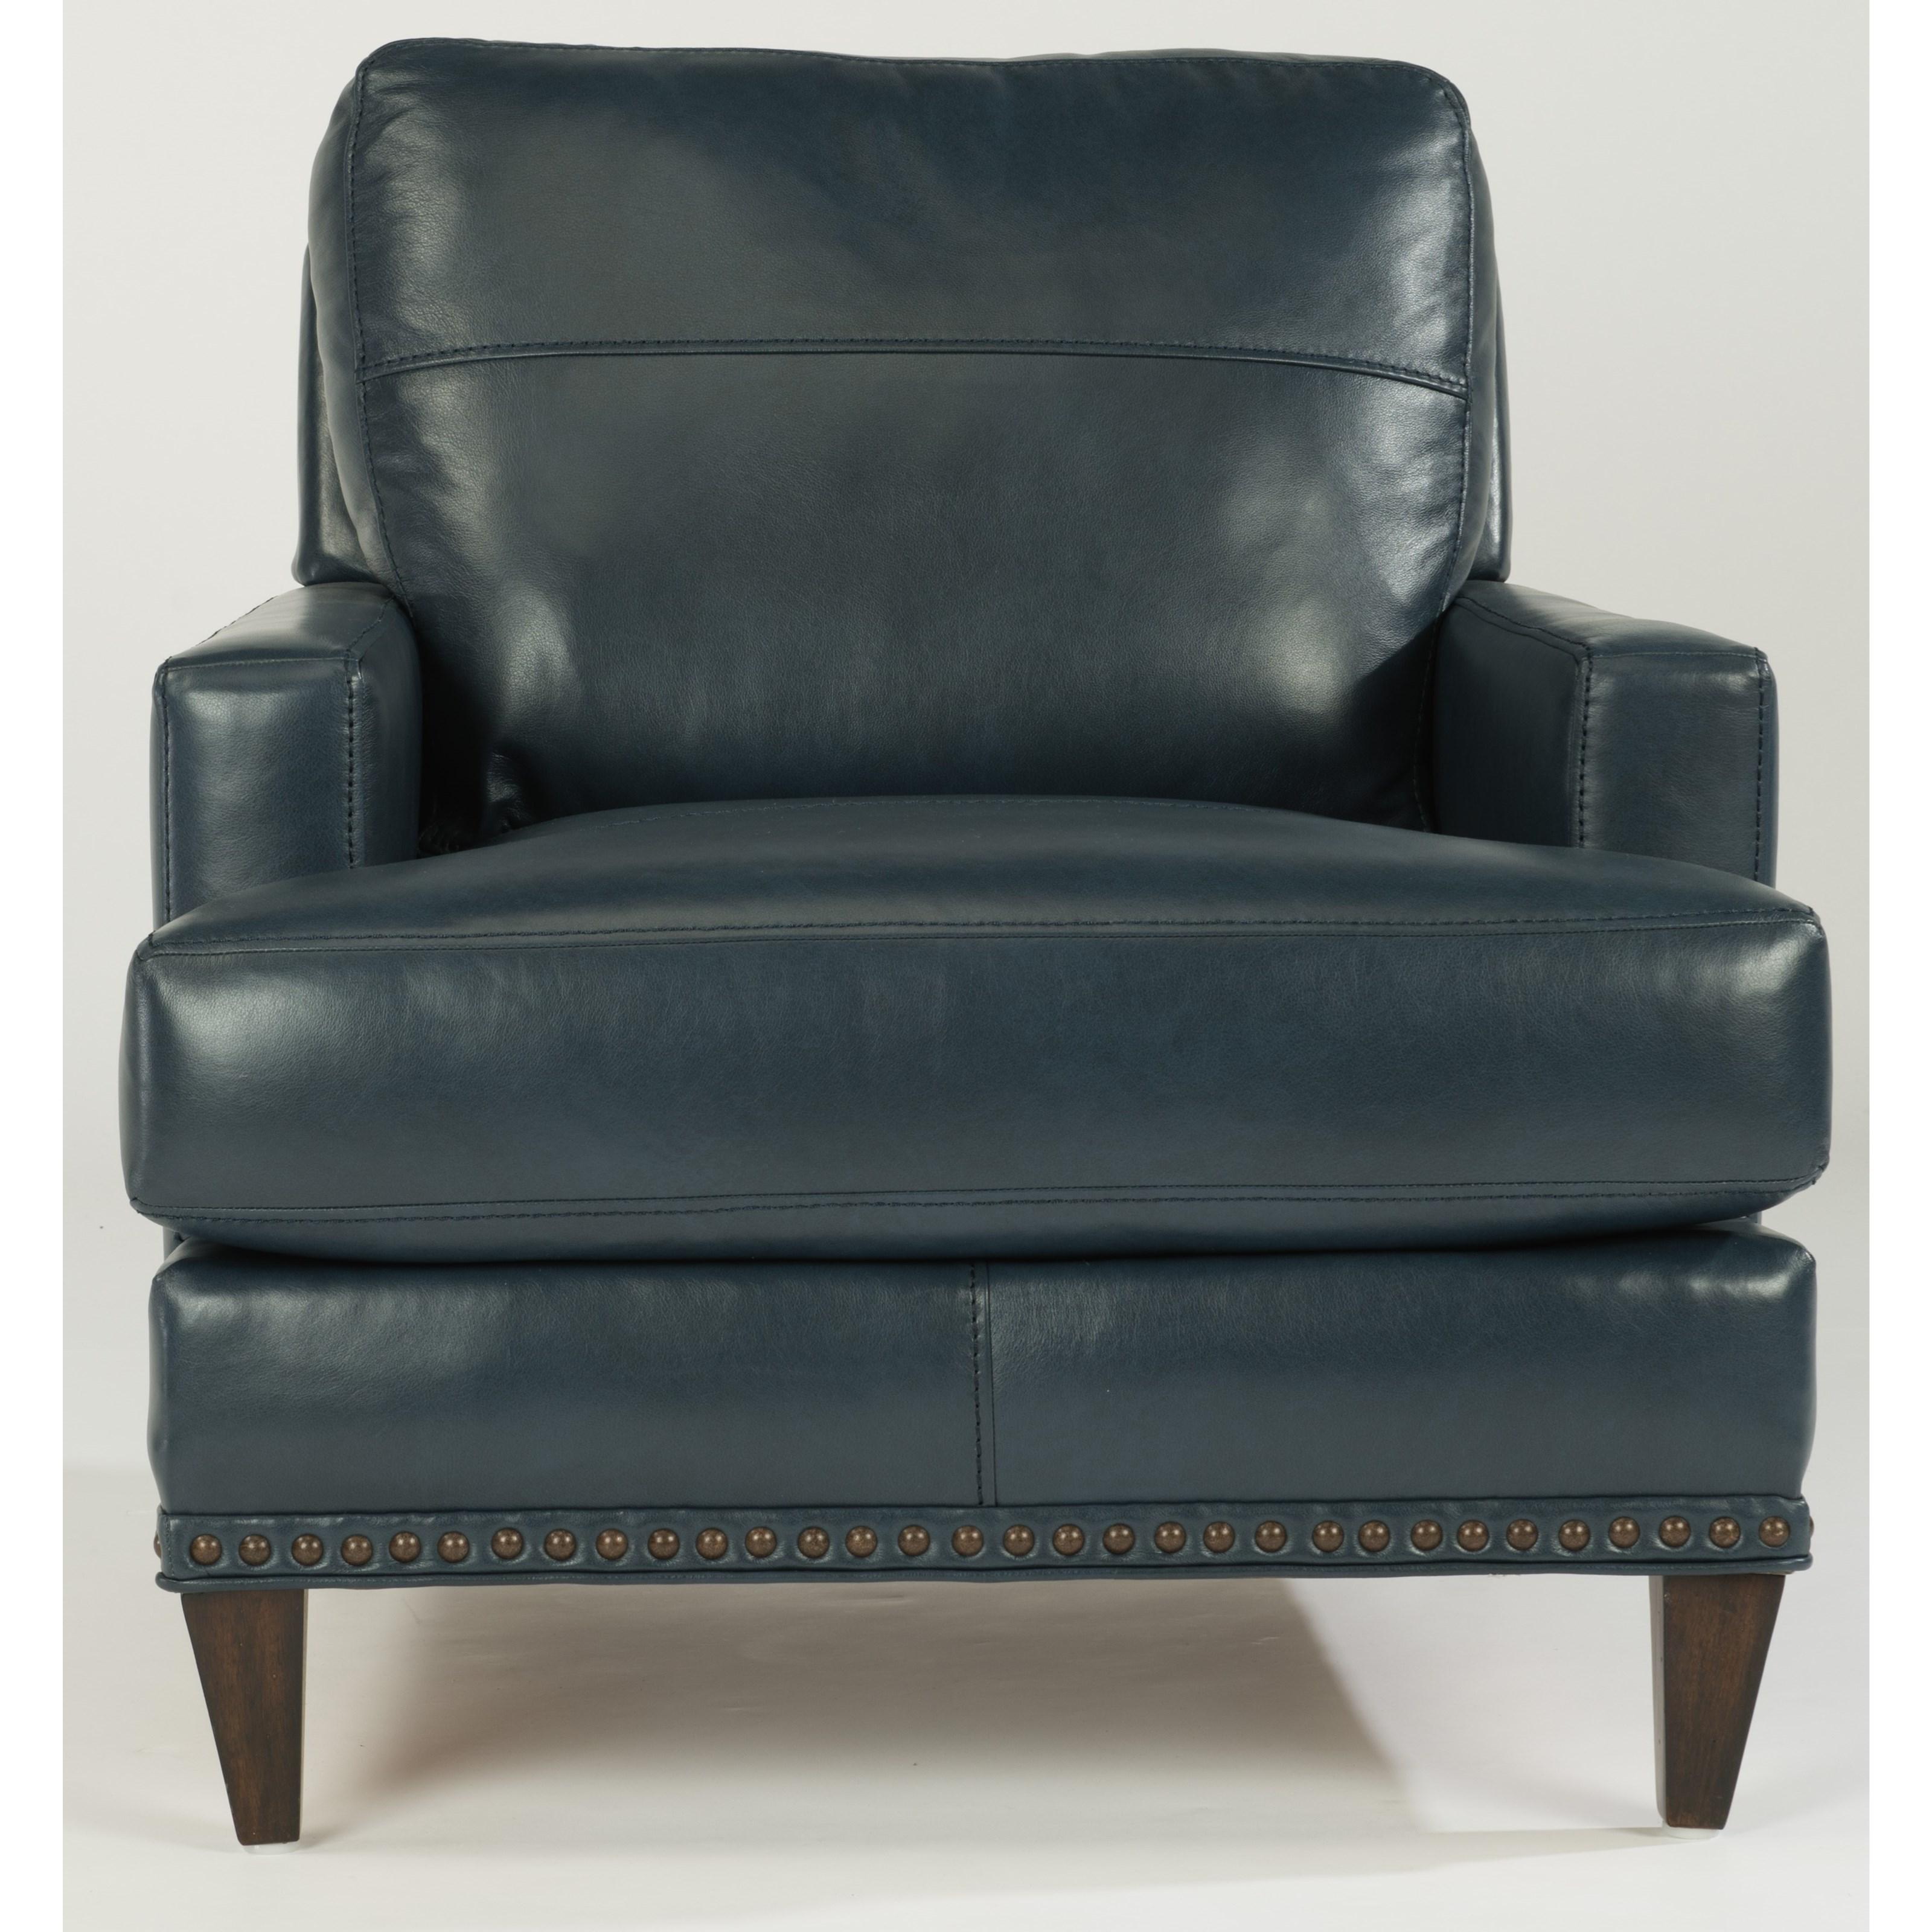 Flexsteel Ocean Chair w/ Nails - Item Number: B3367-10-173-40